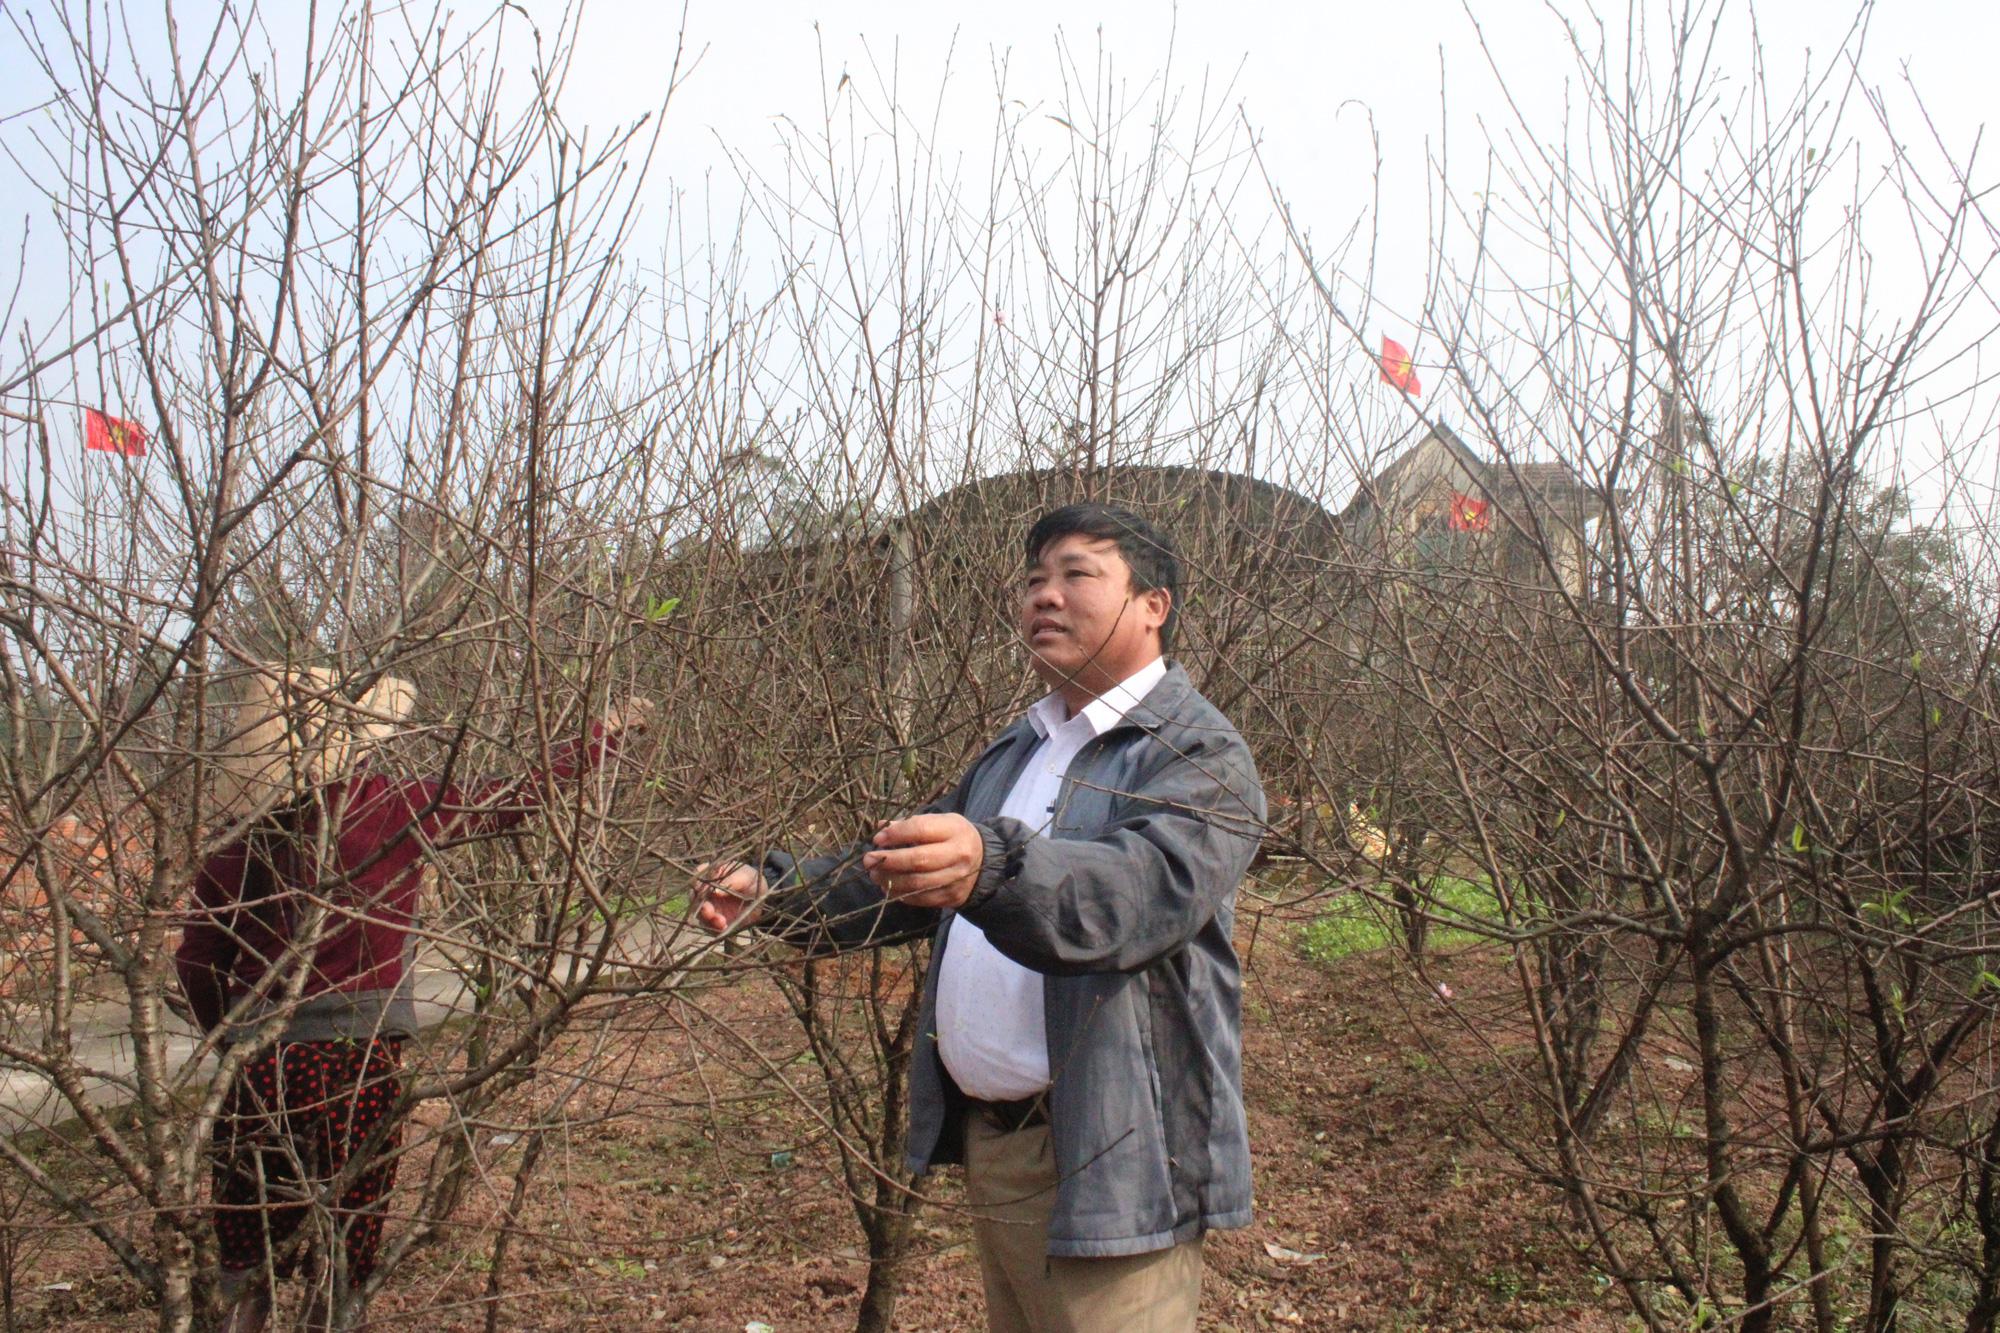 Đào rừng bị cấm, thủ phủ đào phai ở Hà Tĩnh hút khách - Ảnh 5.